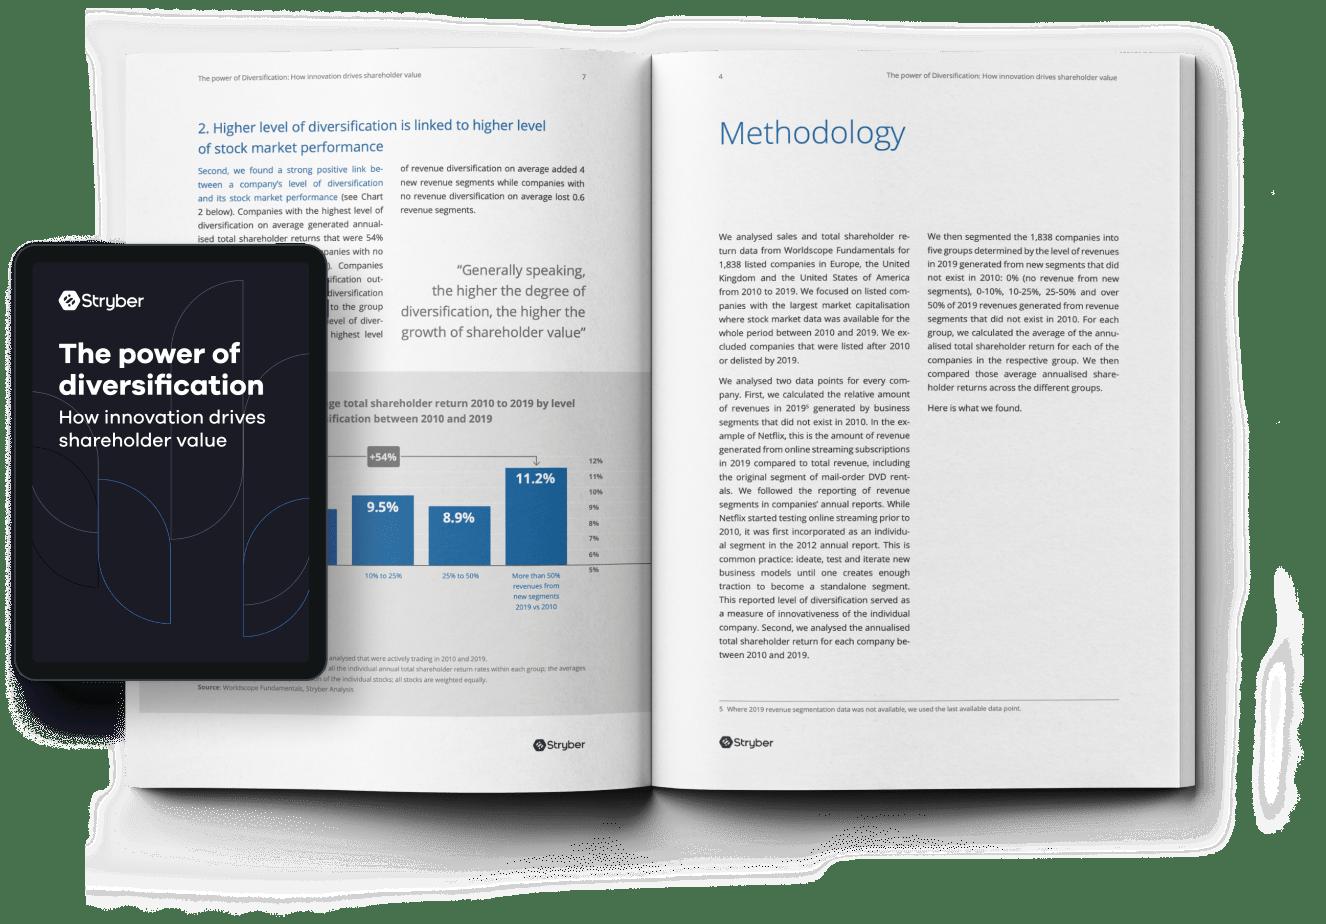 How innovation drives shareholder value